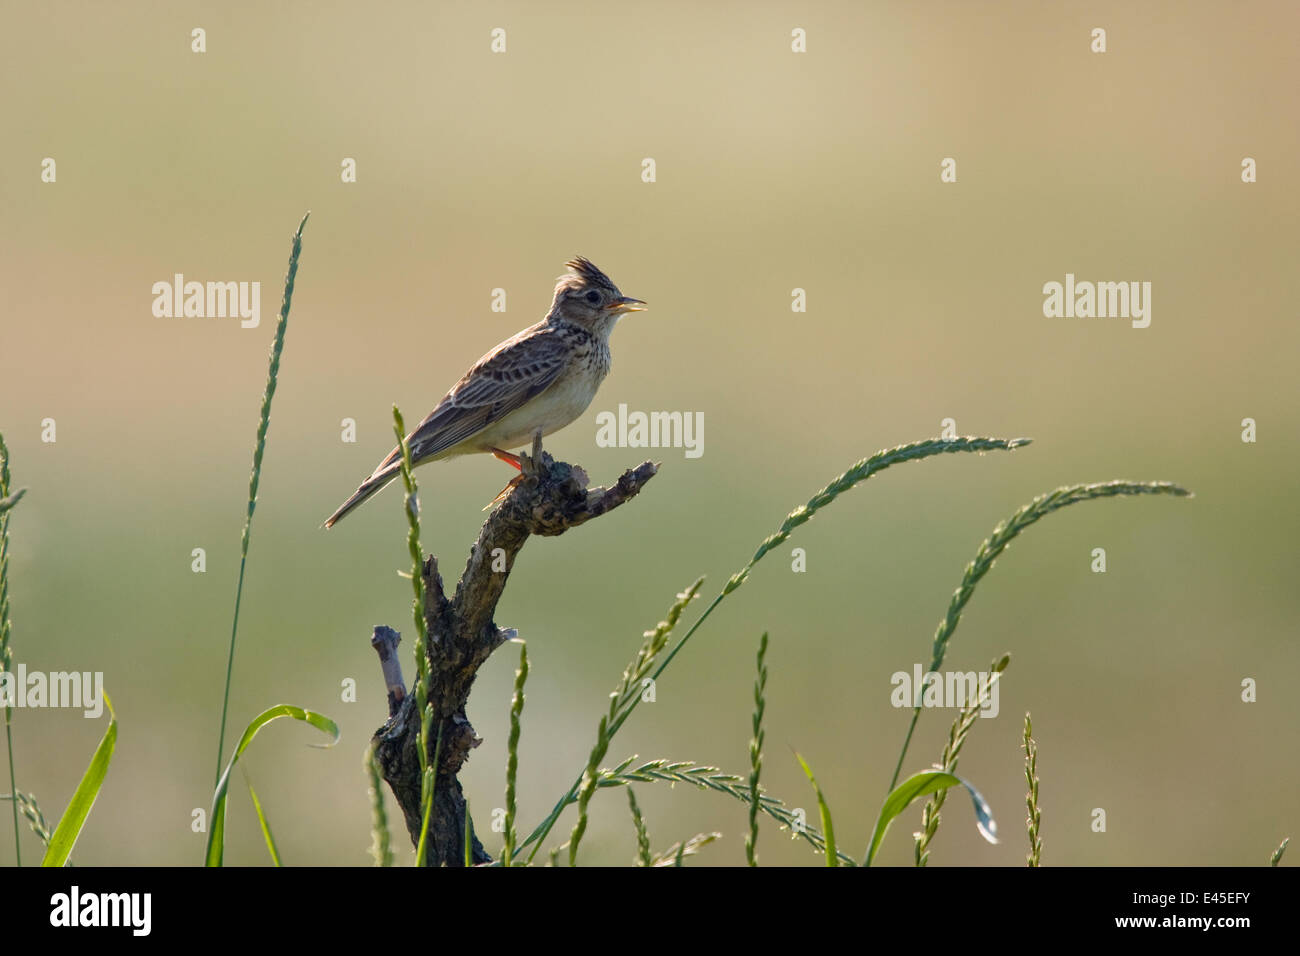 Skylark (Alauda arvensis) singing on branch stump, East Slovakia, Europe, June 2008 - Stock Image